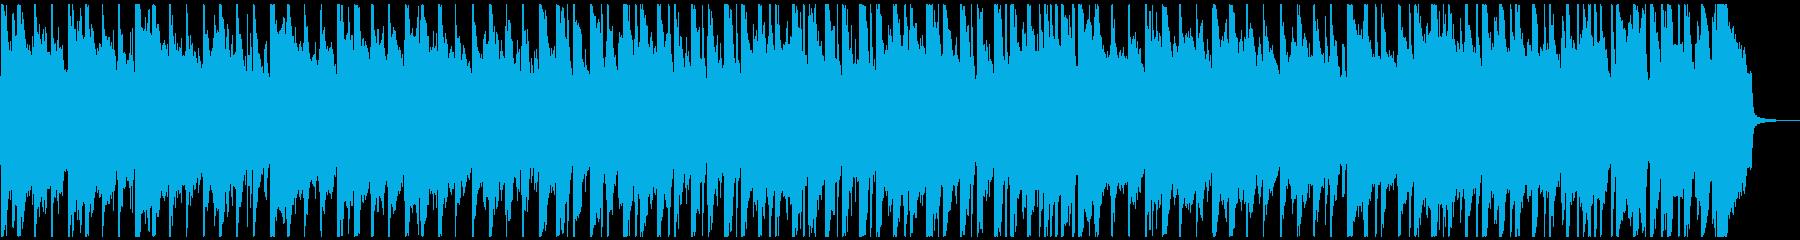 楽しい感じでノリ良い汎用性のあるBGMの再生済みの波形